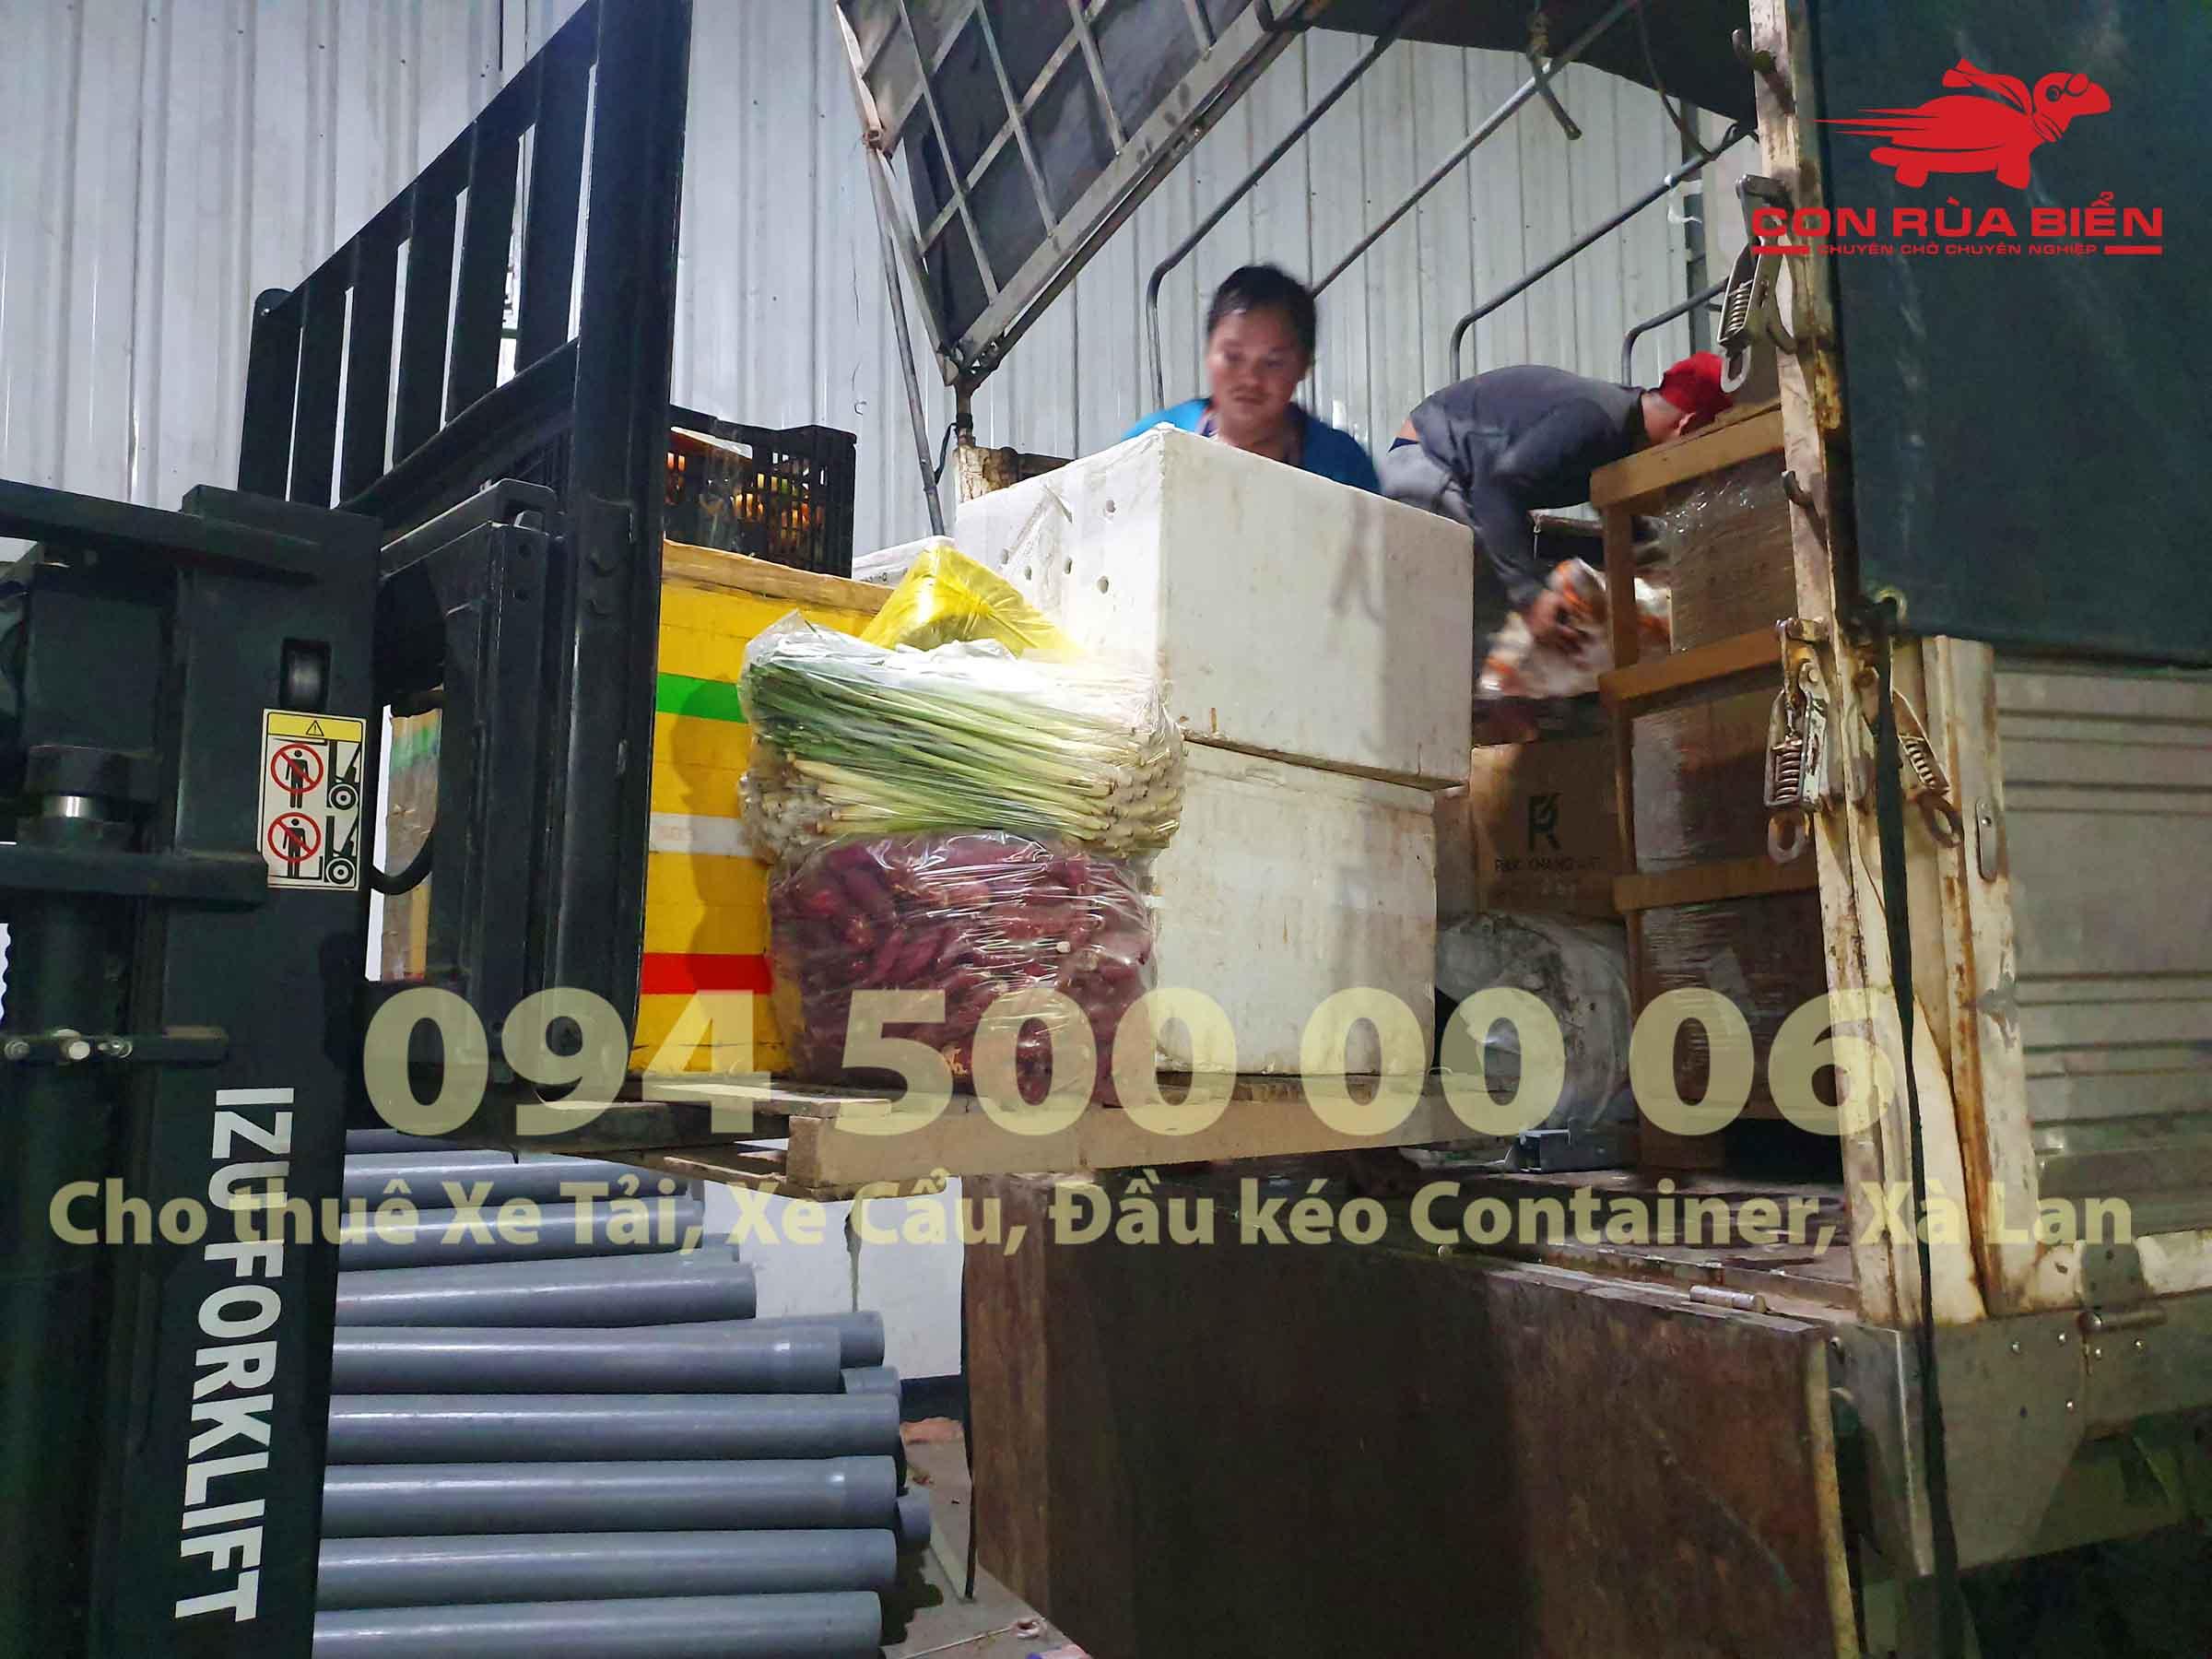 Vận chuyển hàng đông lạnh từ Phú Quốc đi Sài Gòn